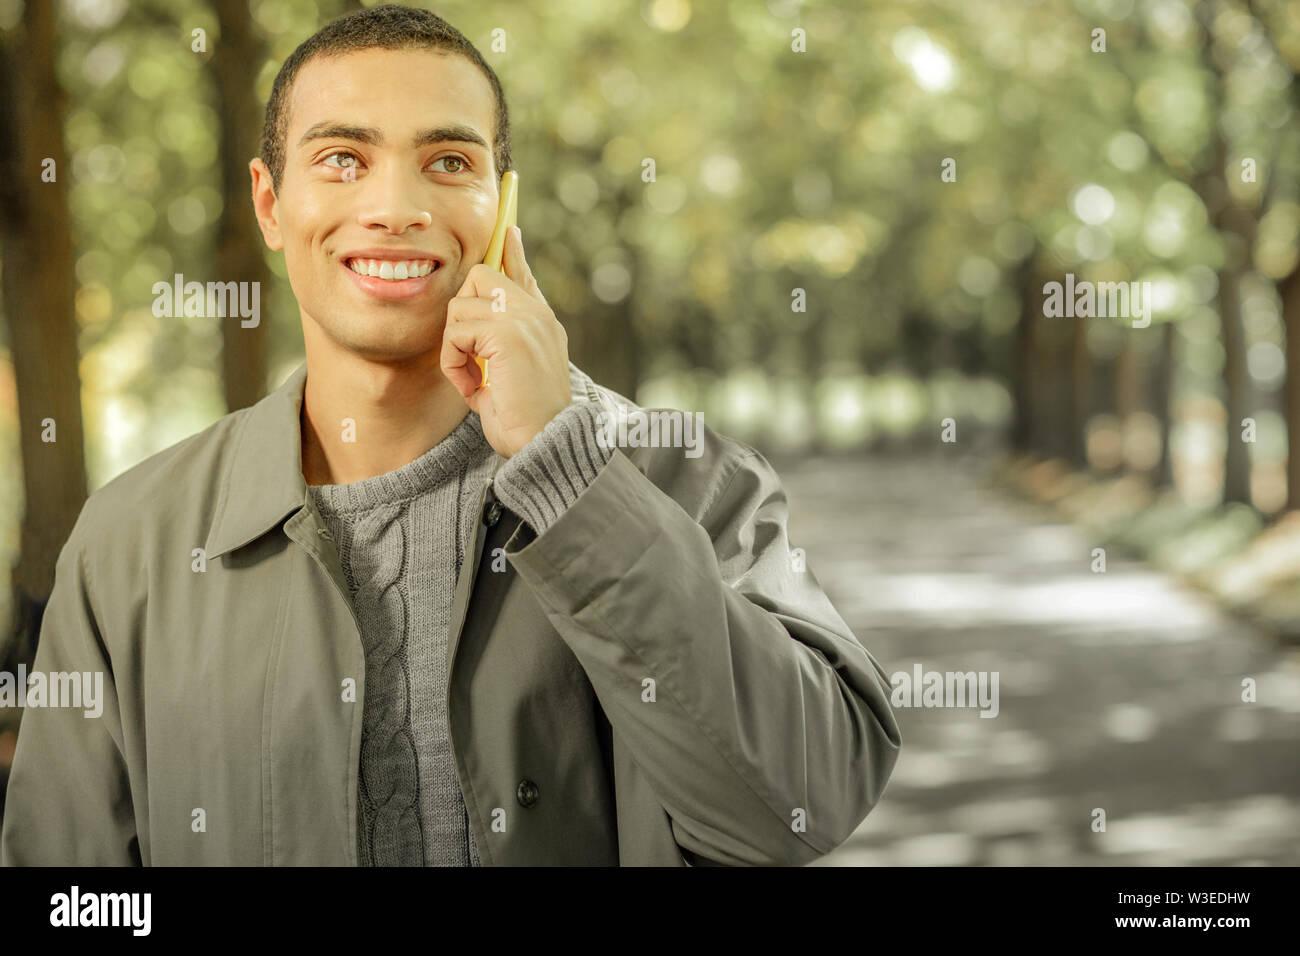 Joyeux beau jeune homme en veston gris avoir conversation Photo Stock